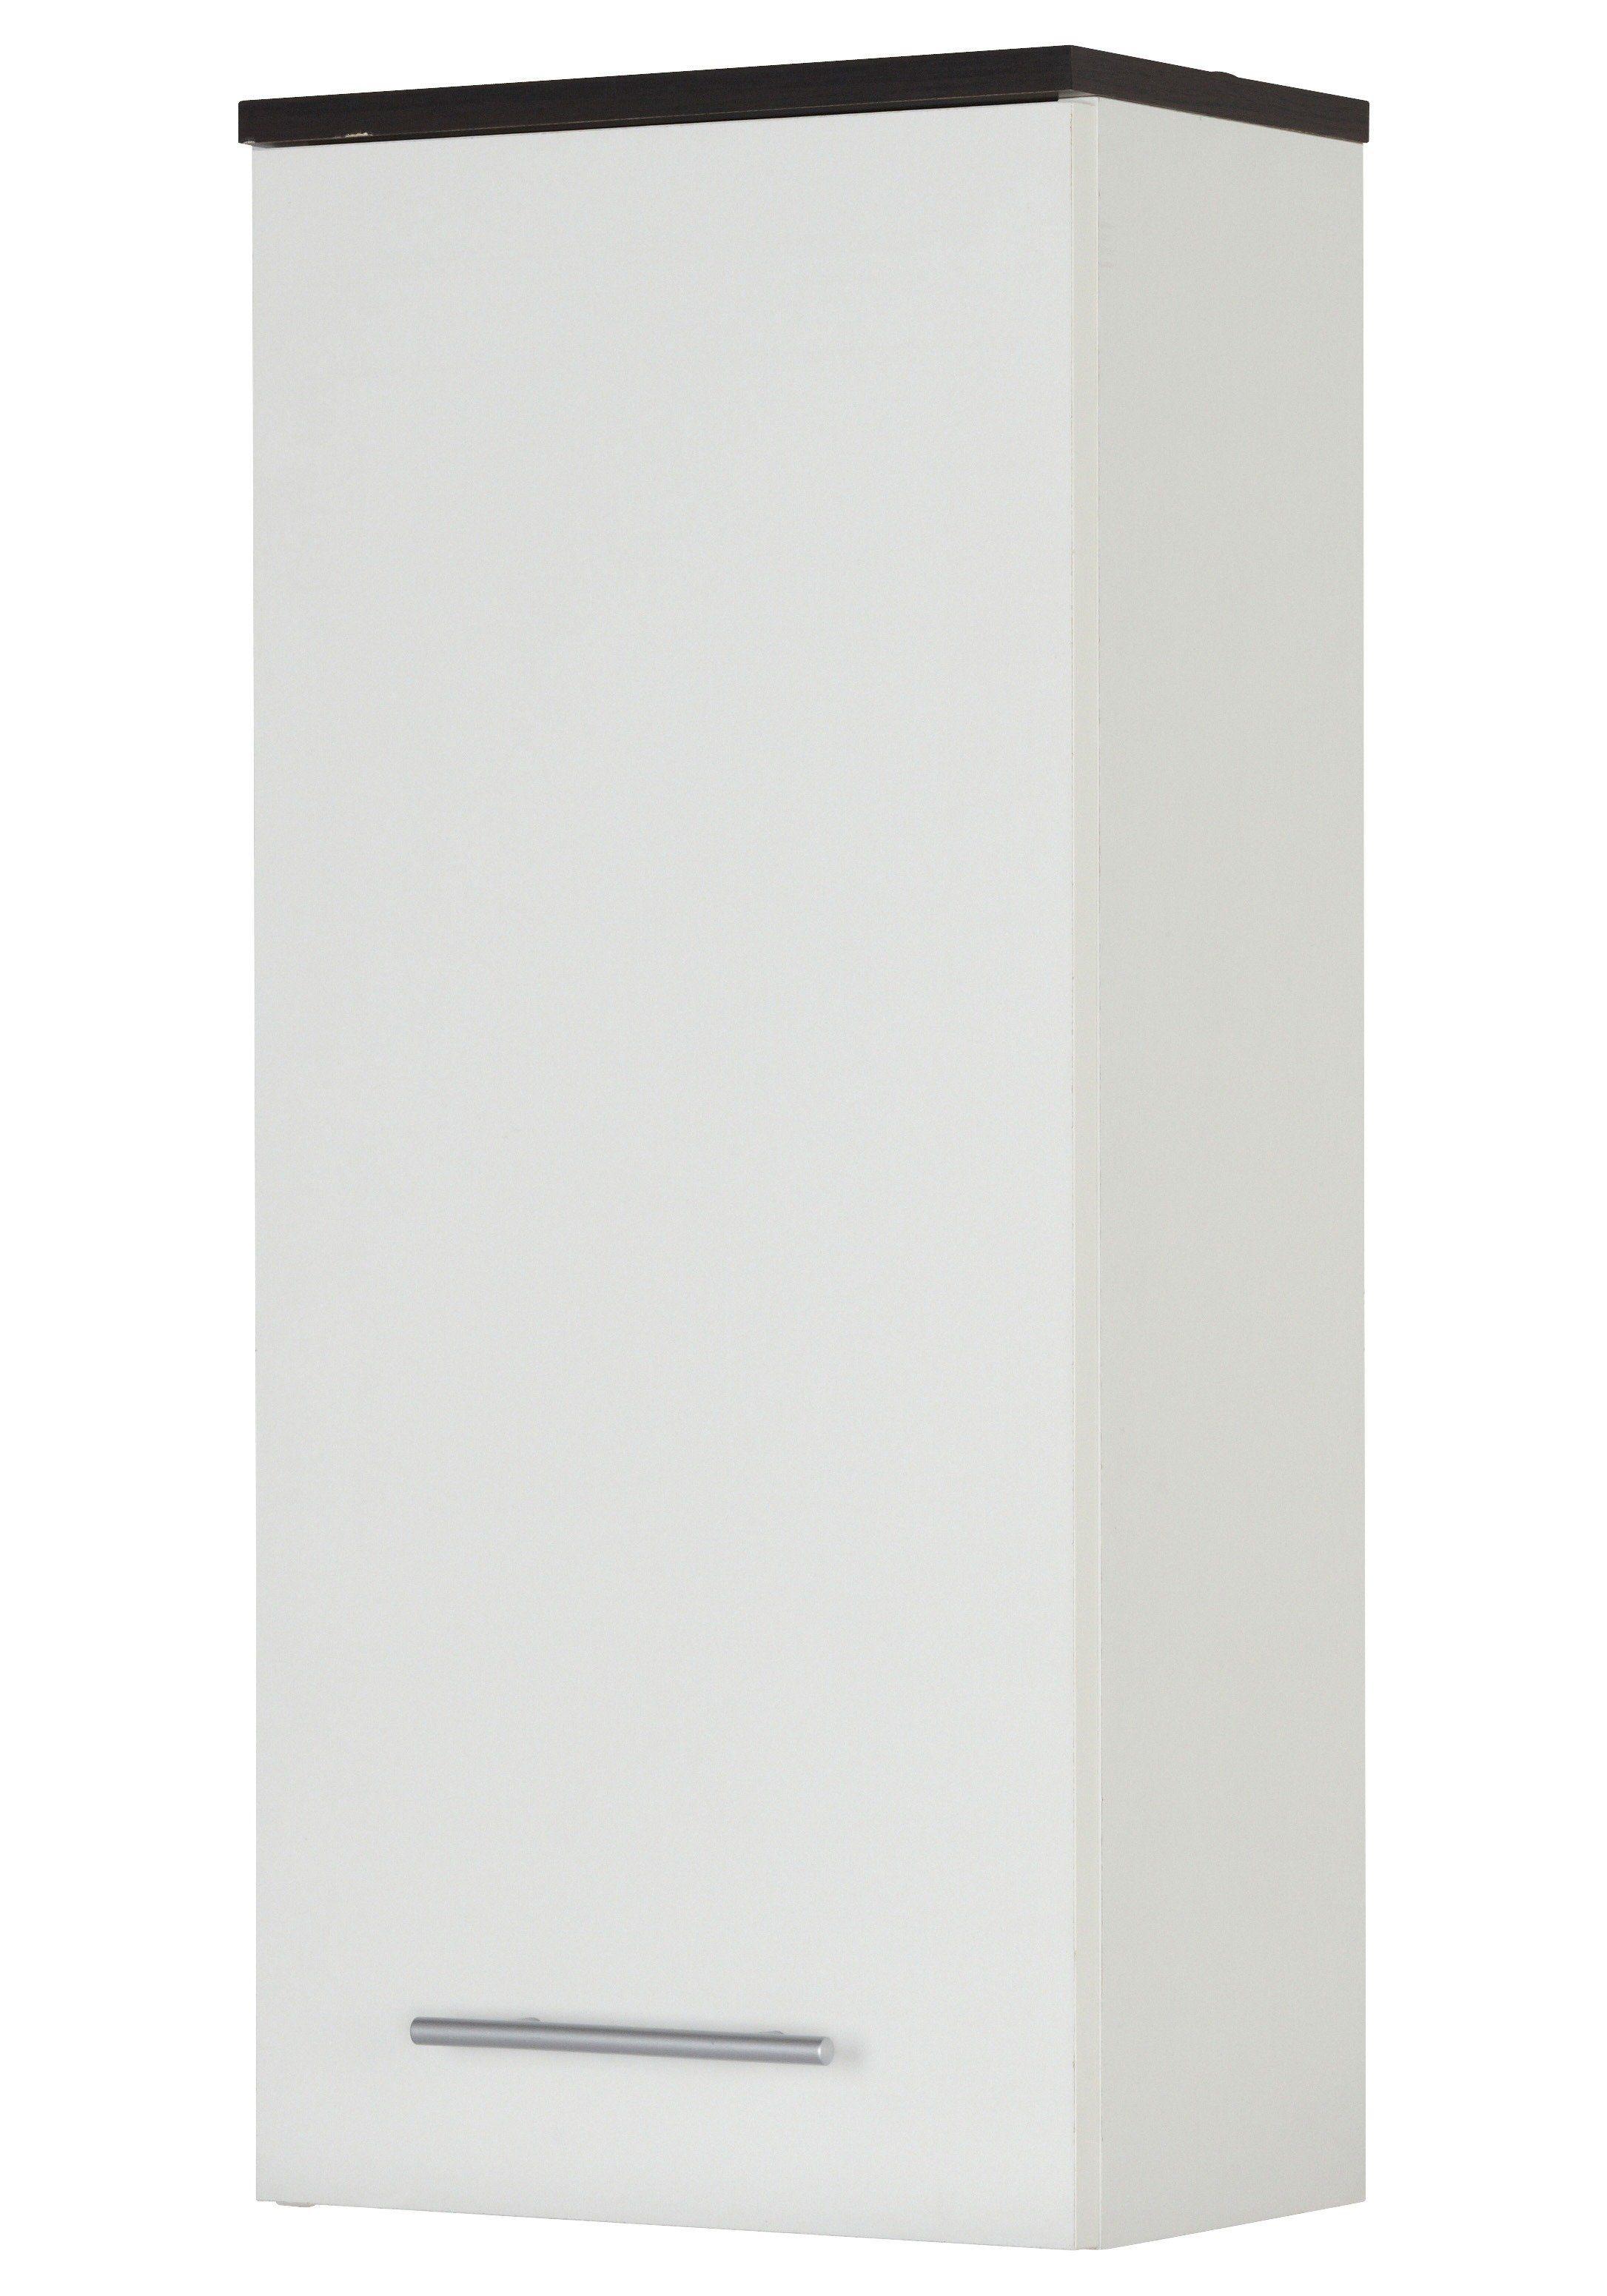 KESPER Hängeschrank »Sevilla«, Breite 33 cm